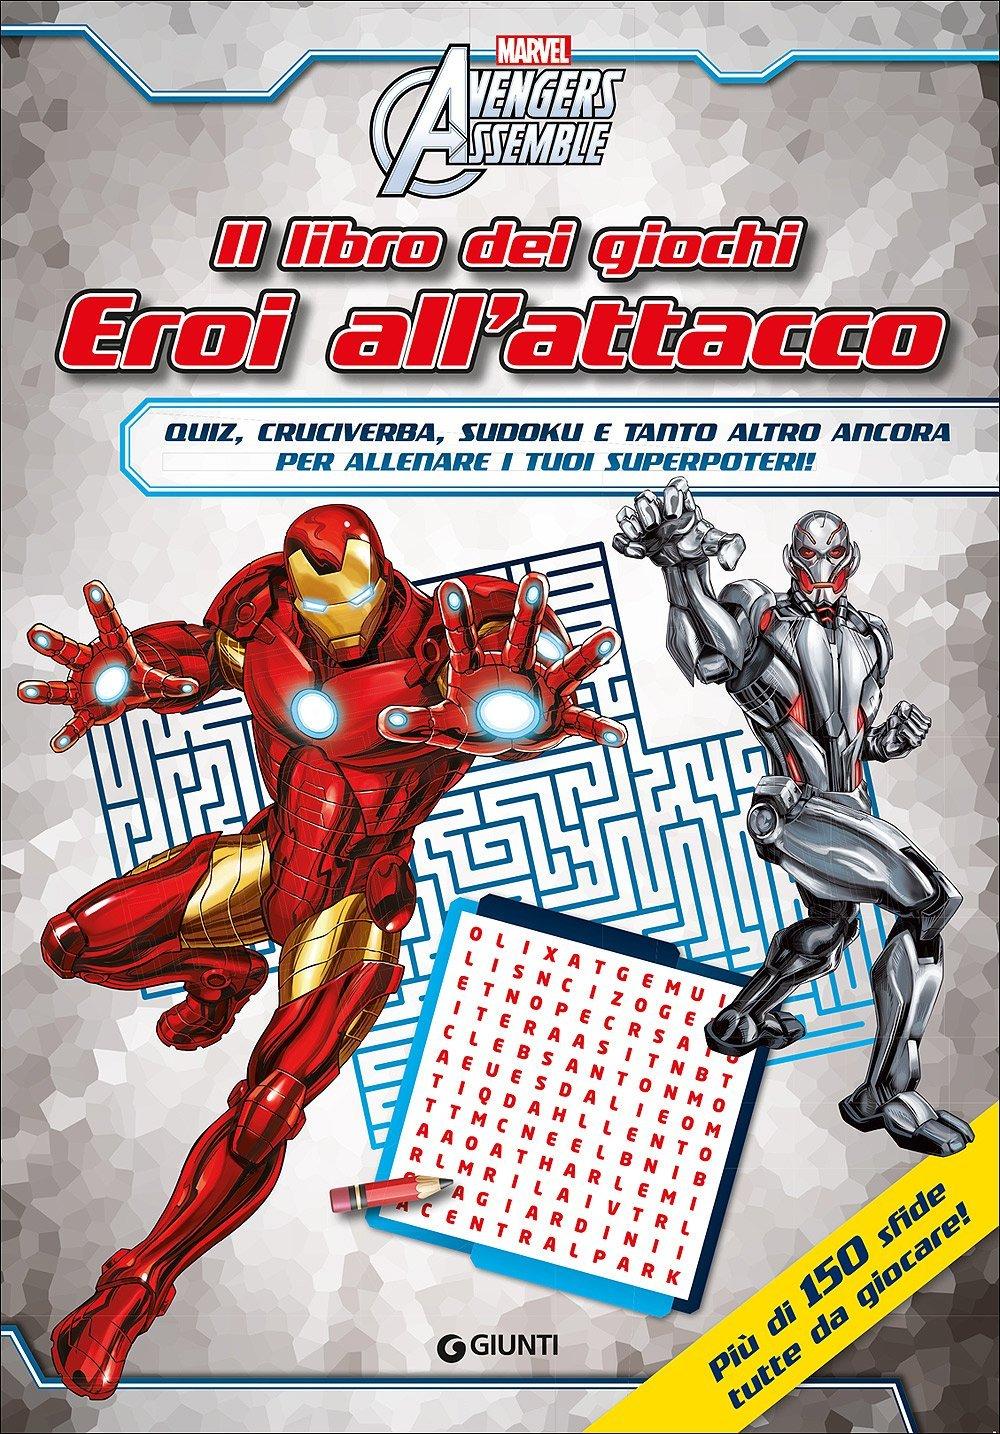 Il-libro-dei-giochi-Eroi-all-039-attacco-Avengers-assemble